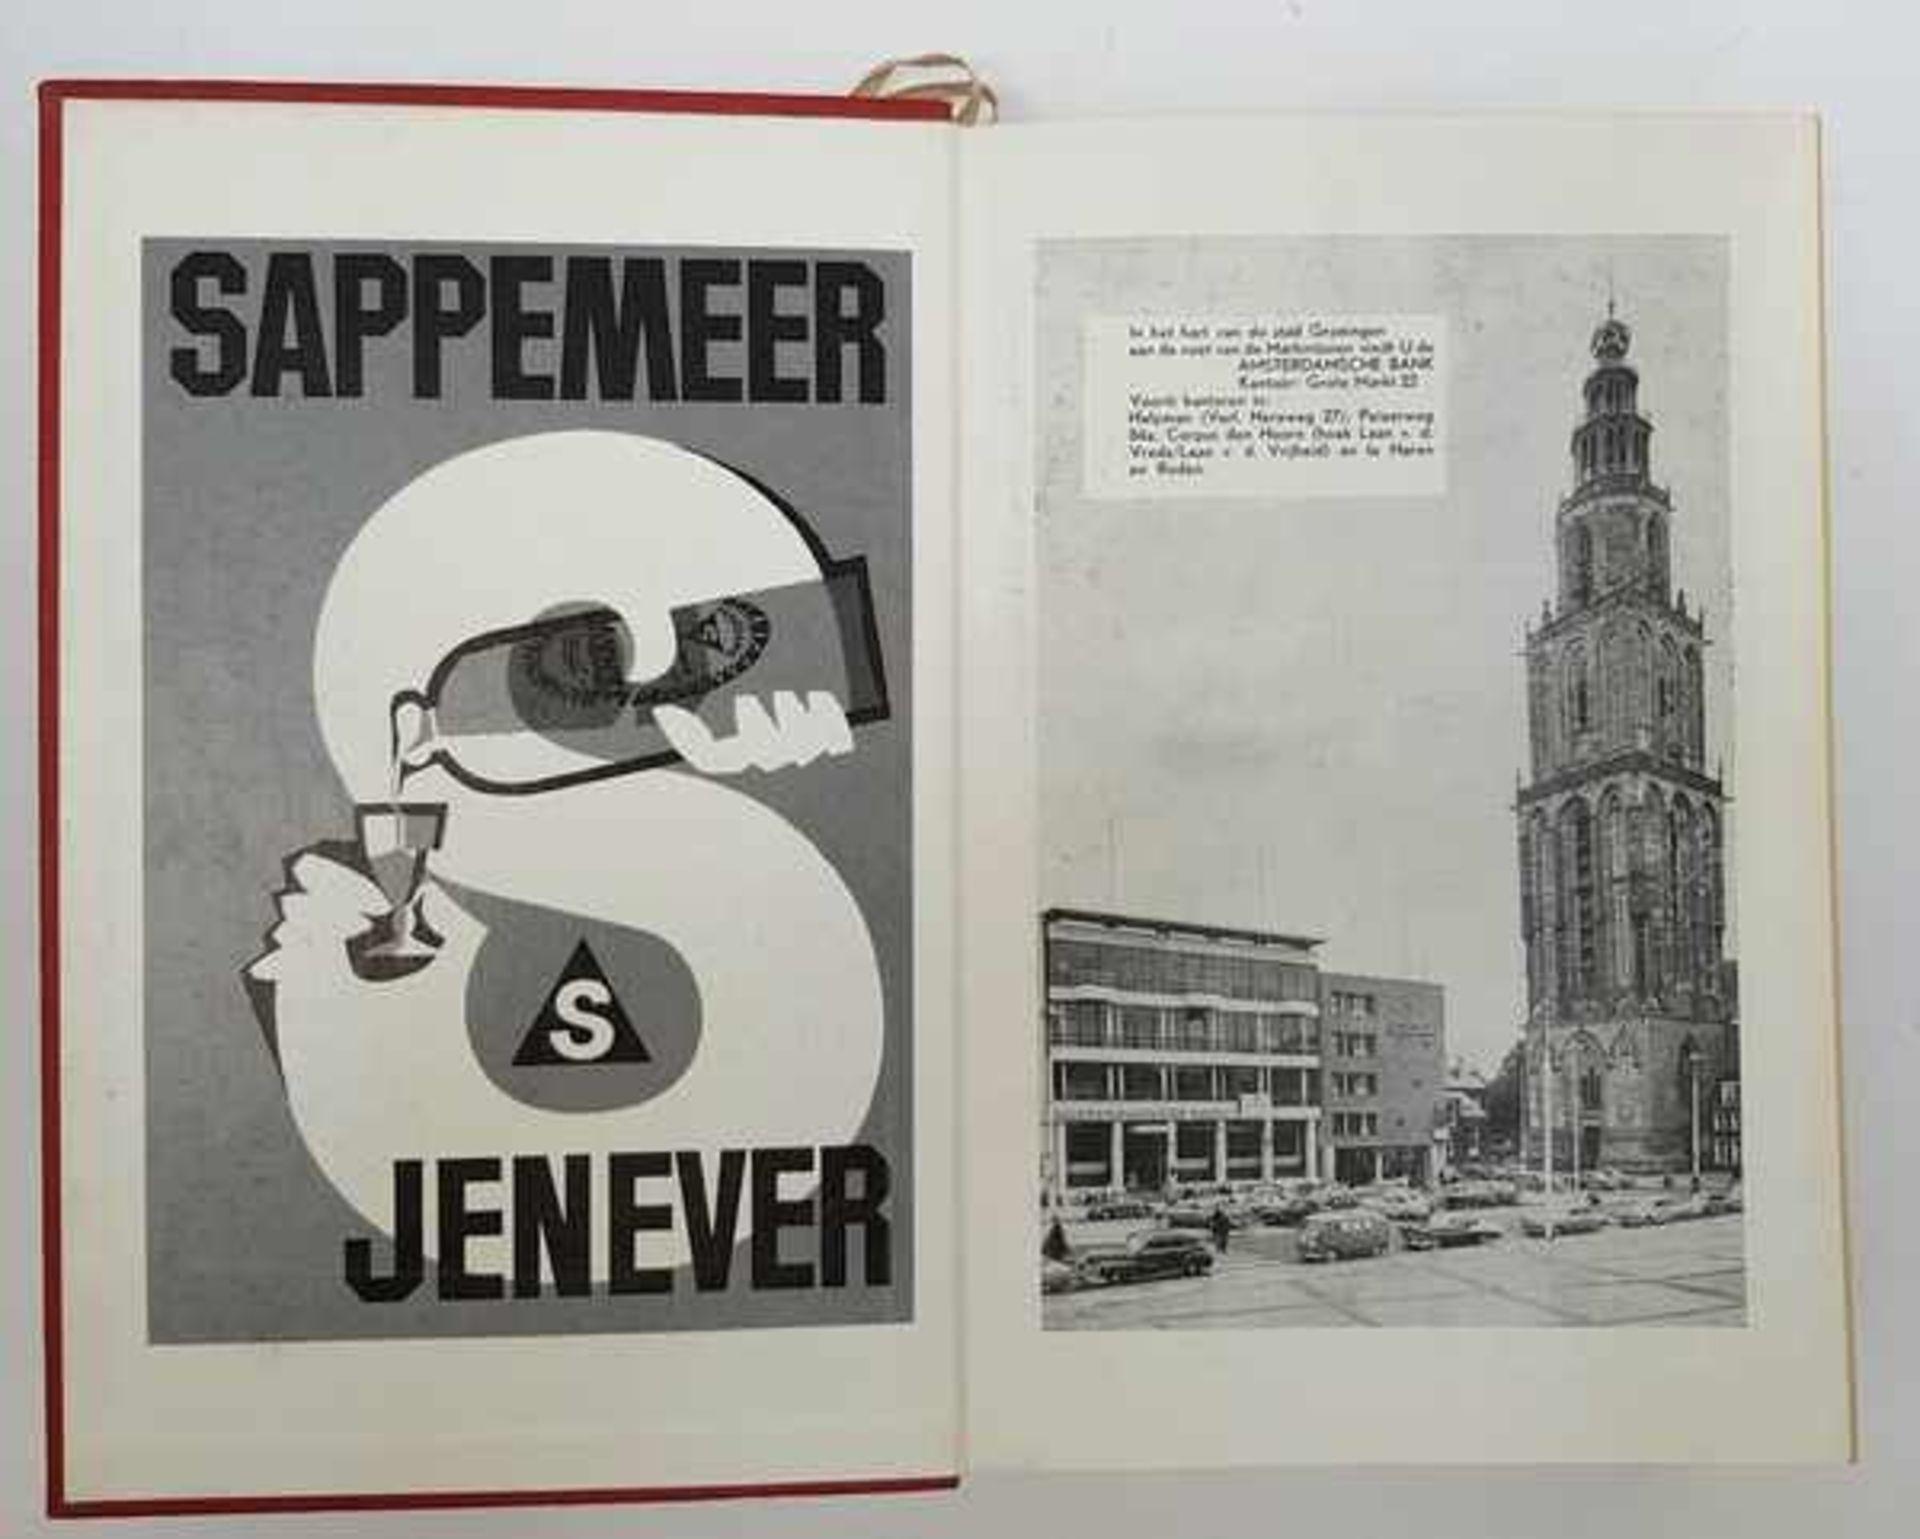 (Boeken) Groninger adresboek 1964 - Bild 3 aus 6